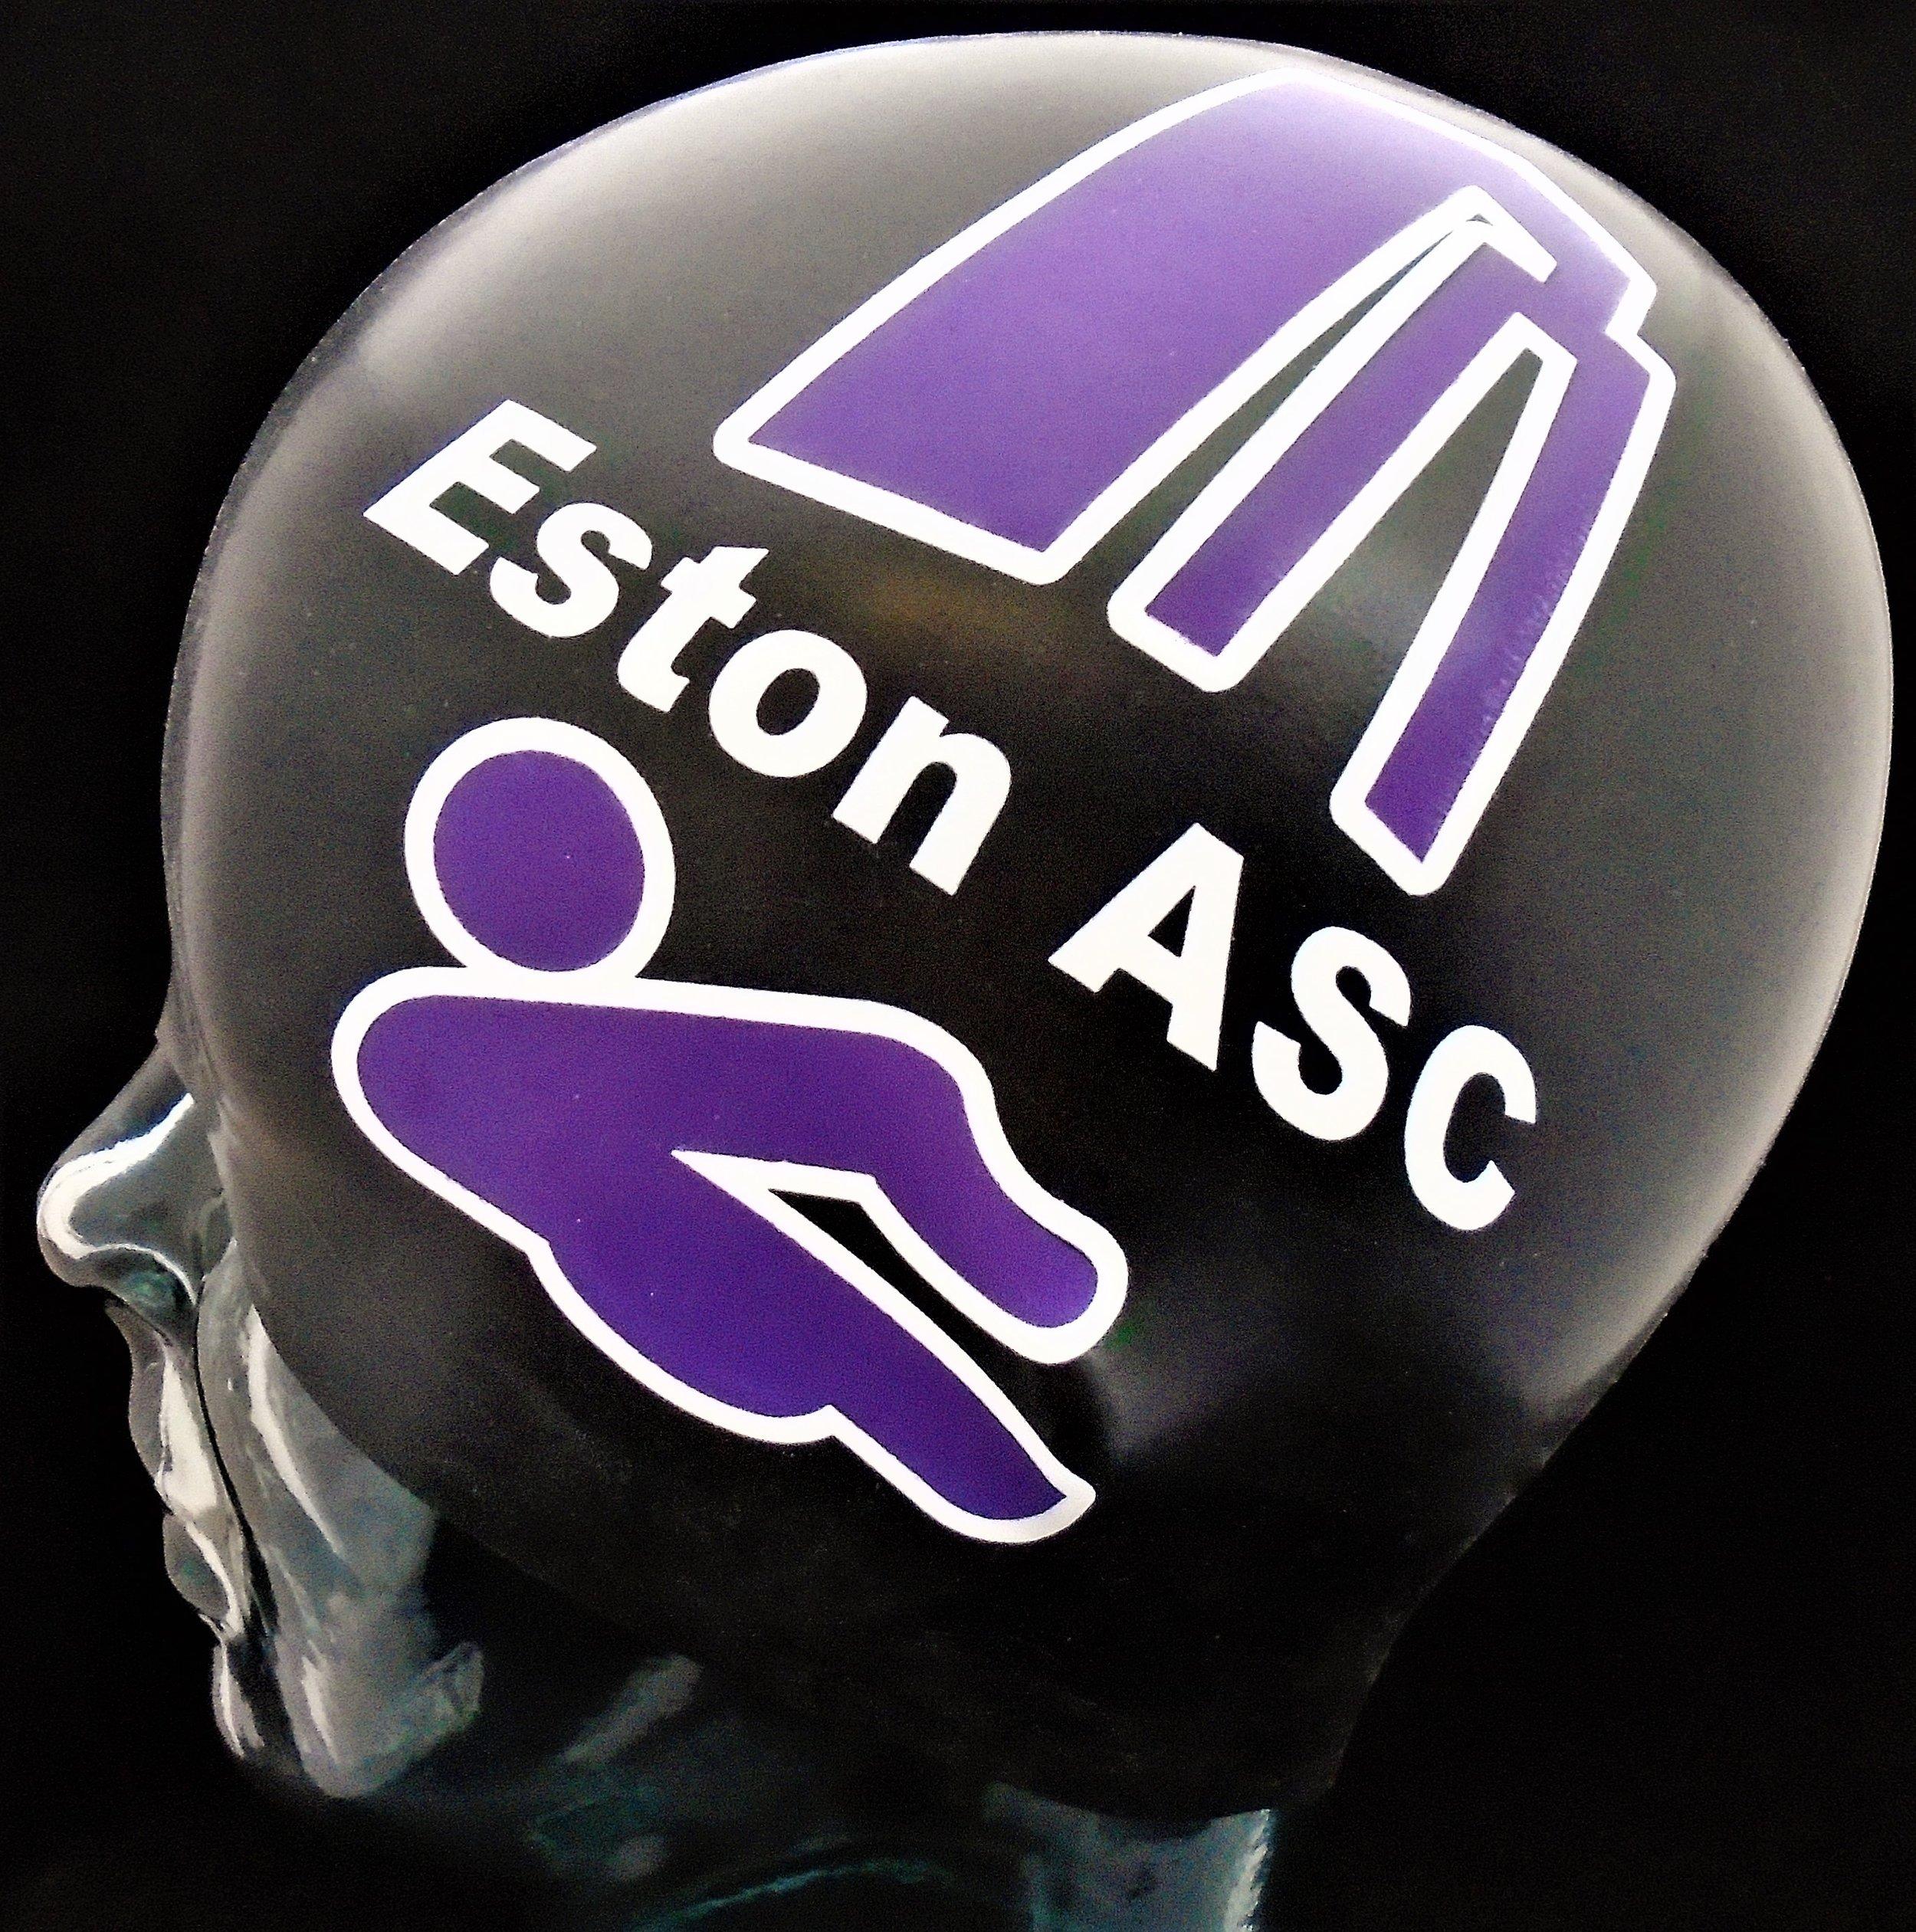 Eston ASC.jpg